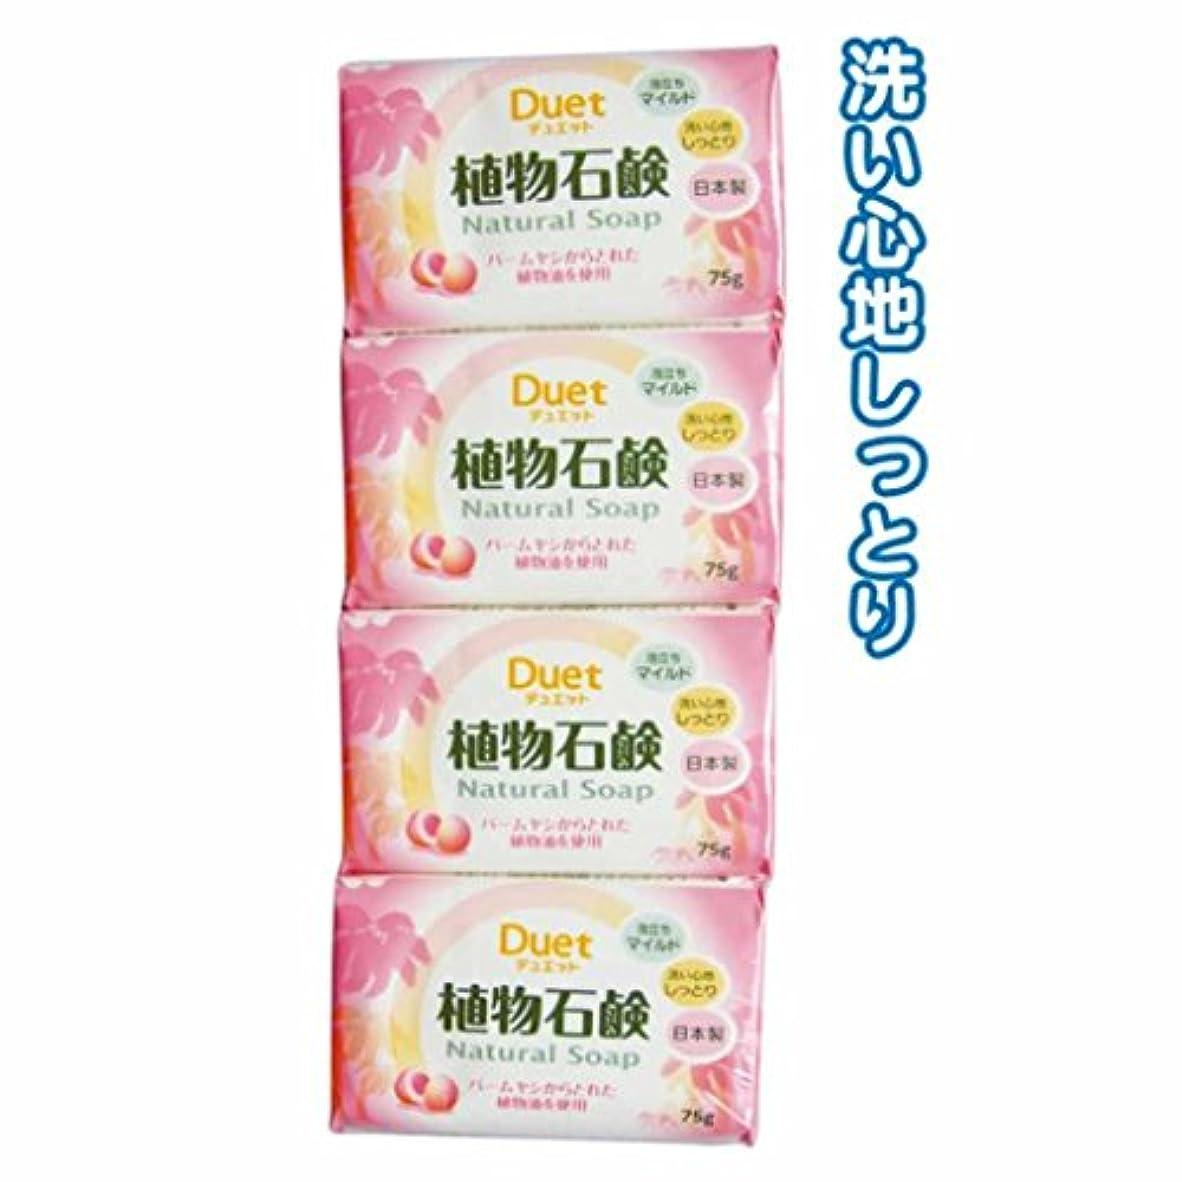 公平な憂鬱な織機日本製 Japan デュエット植物石鹸75g 【まとめ買い4個入り×240パック 合計960個セット】 46-202